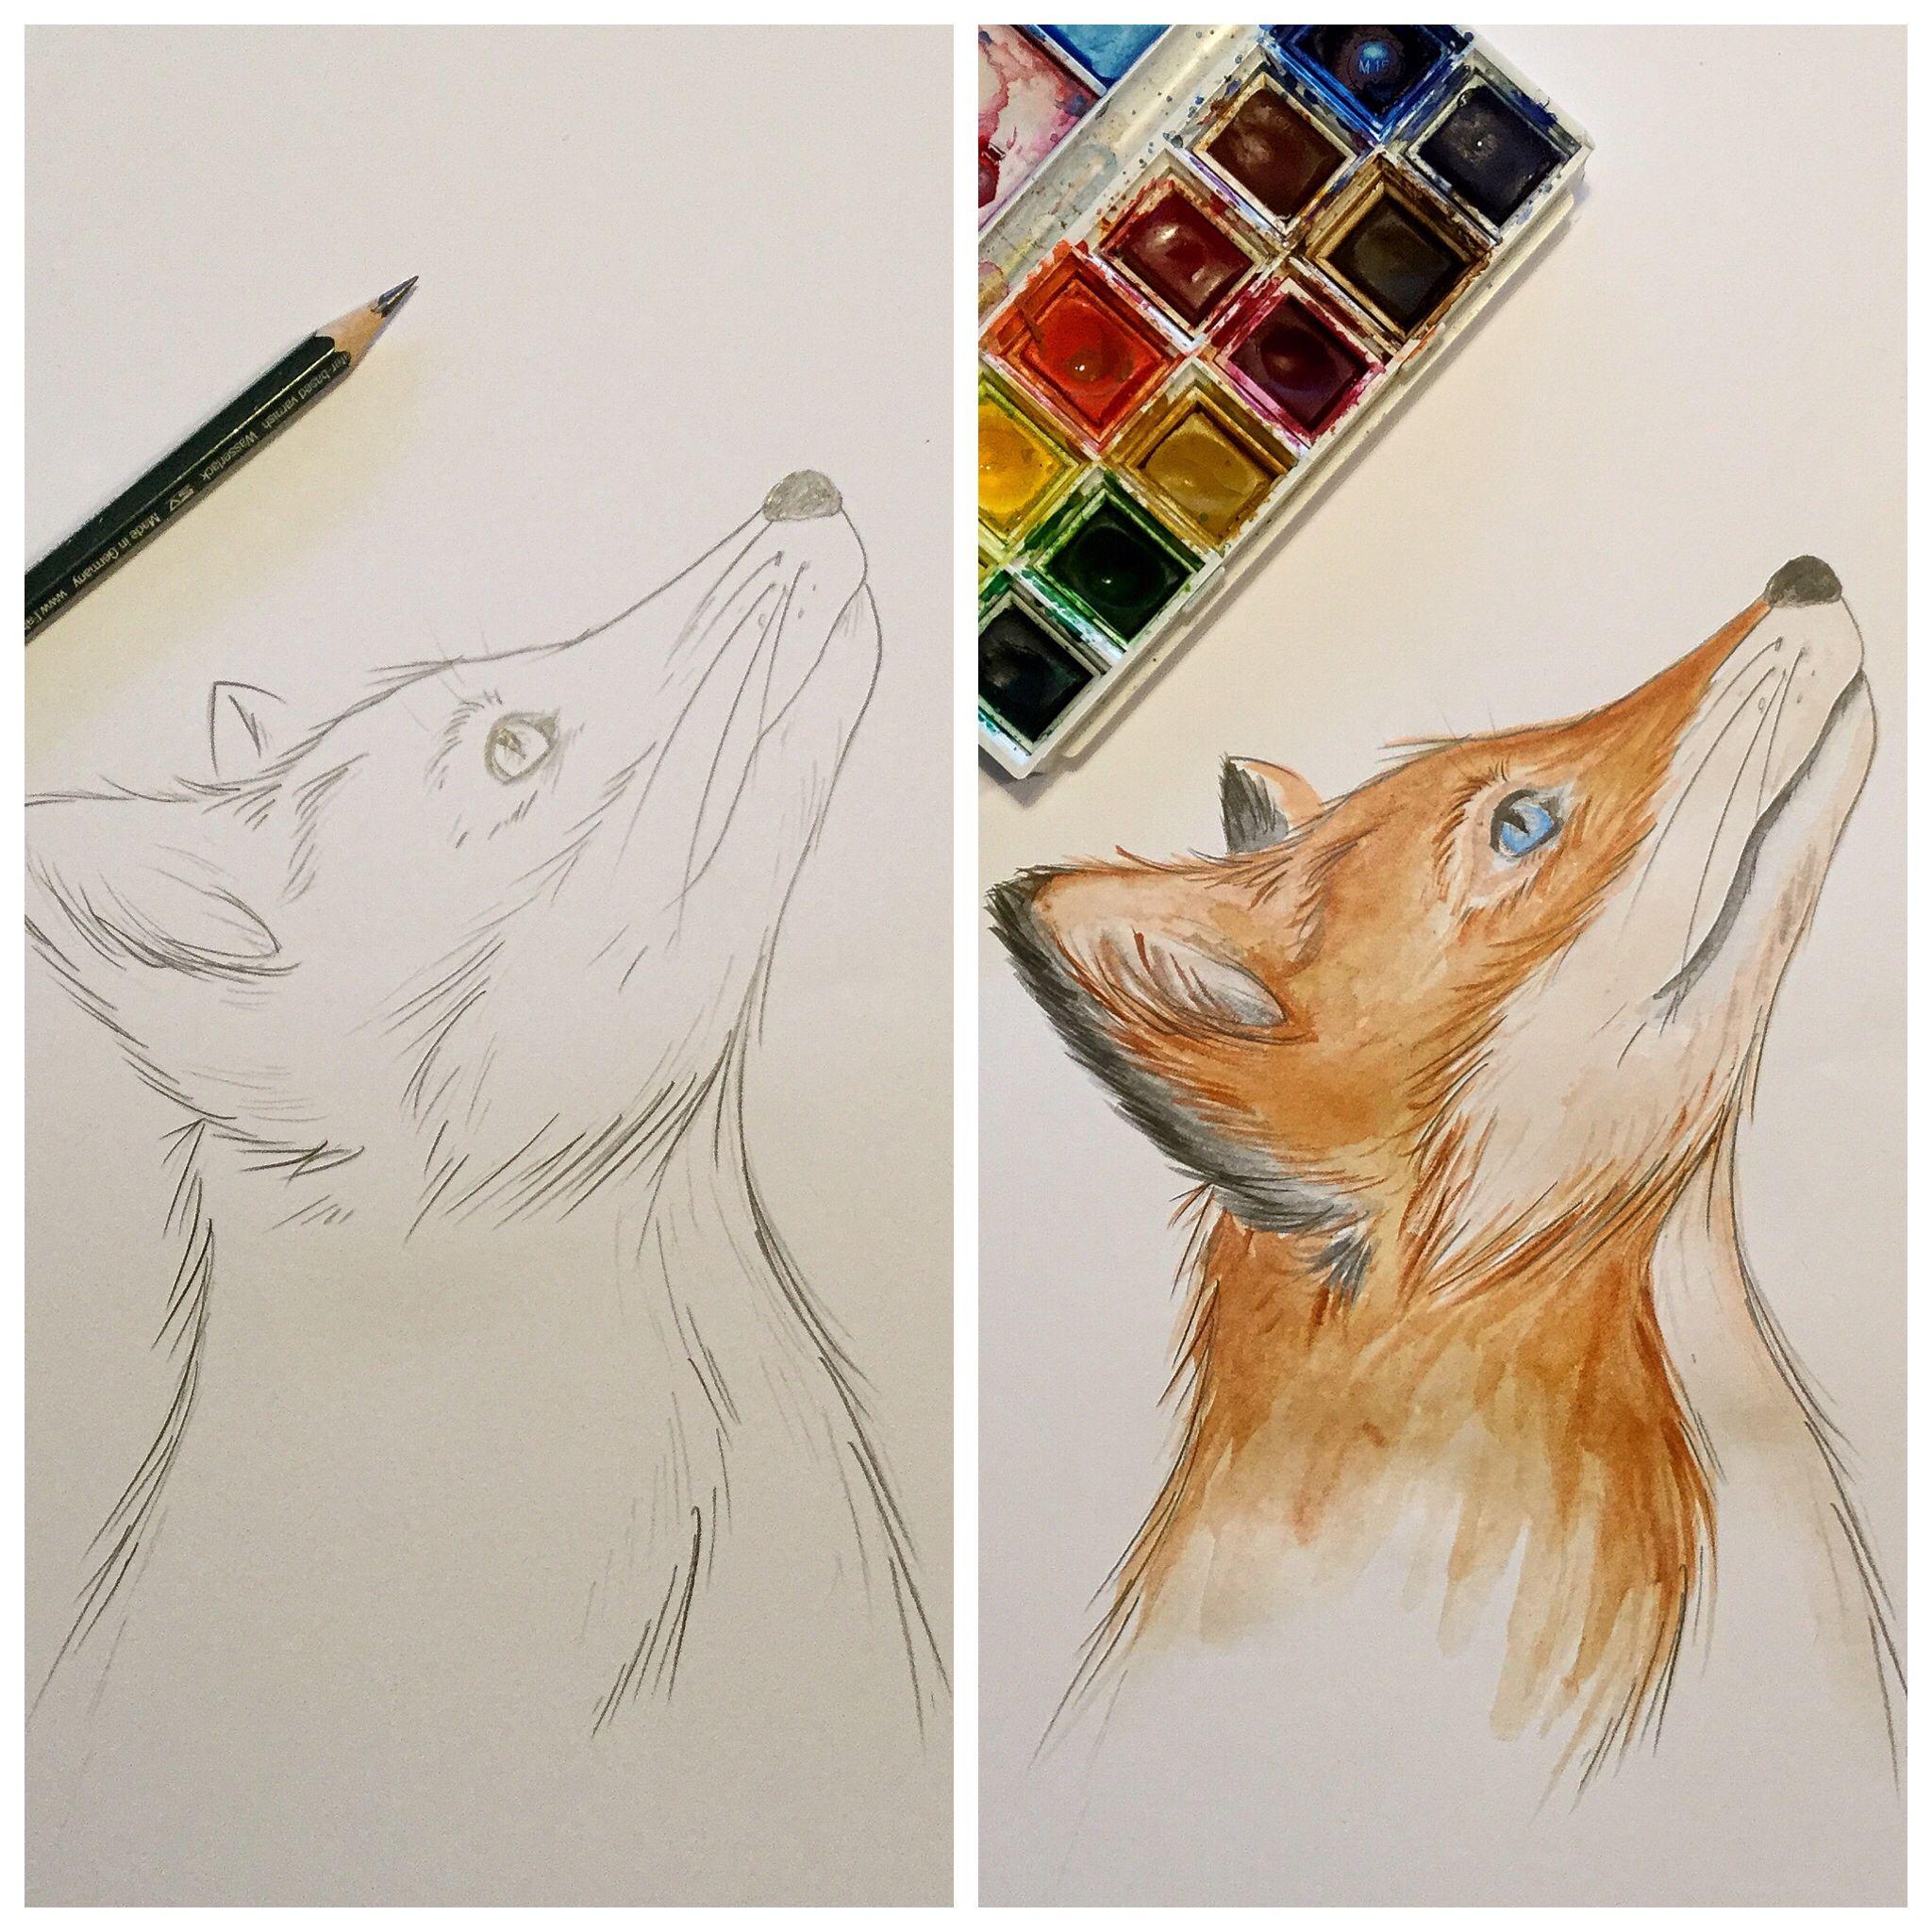 Fuchs Bleistift Und Aquarellfarben Fuchs Zeichnung